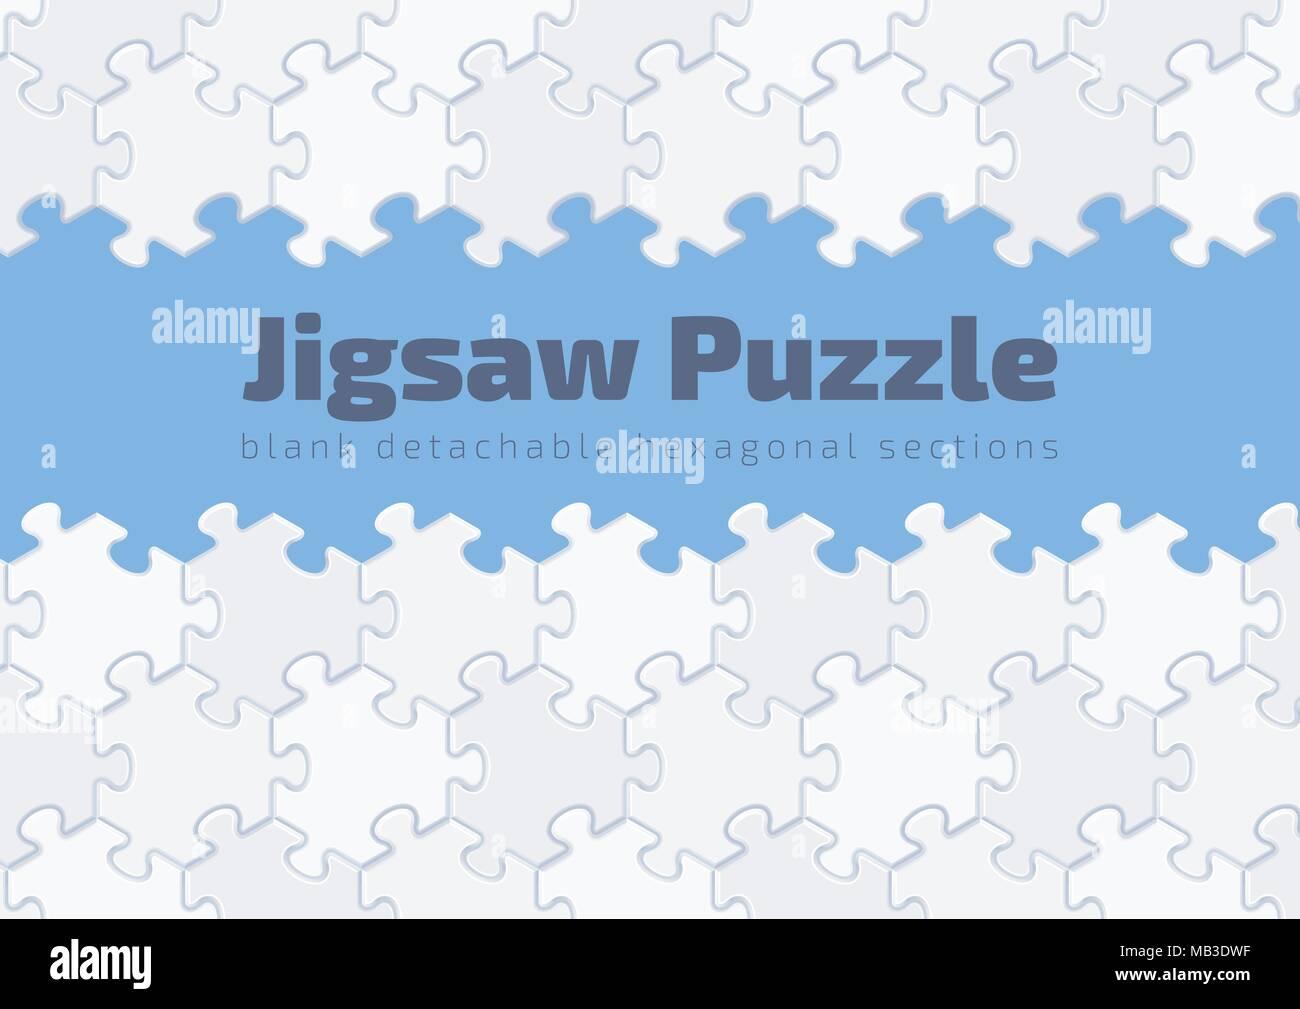 Beste Leere Puzzle Vorlage Ideen - Beispielzusammenfassung Ideen ...